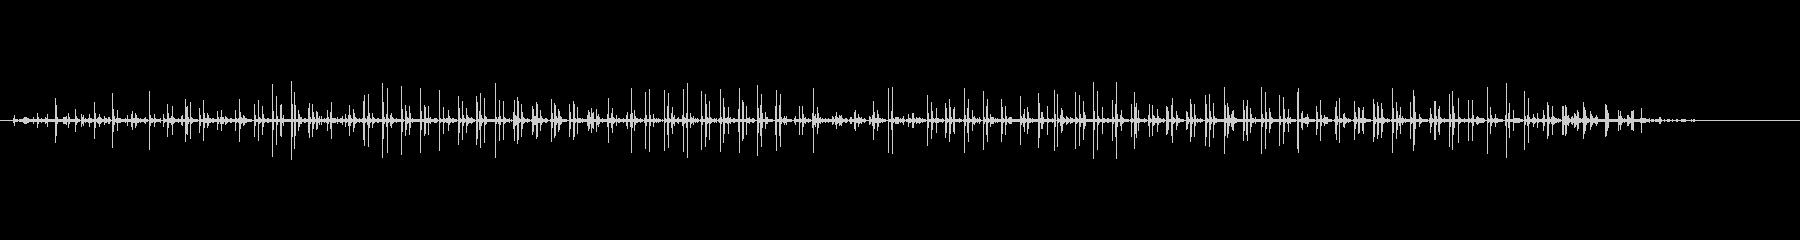 馬-柔らかい表面-連続-GALOPEの未再生の波形